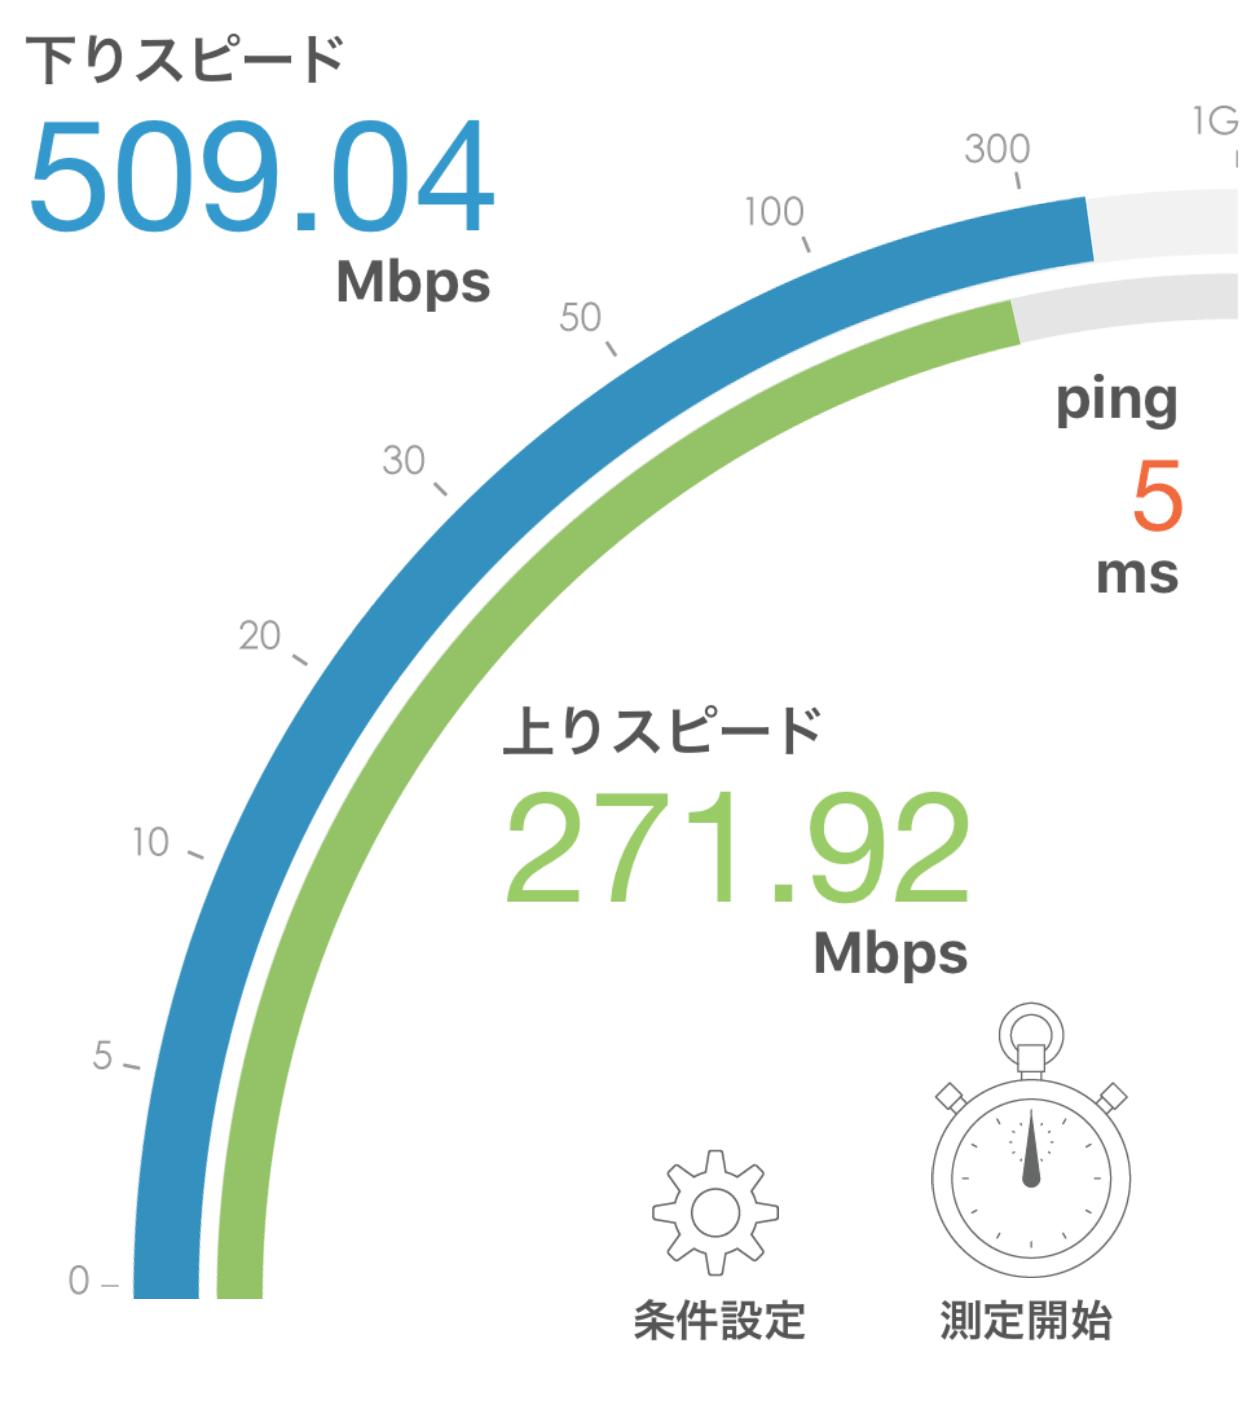 ニューロ光 Wi-Fi実測 2018年4月 計測結果